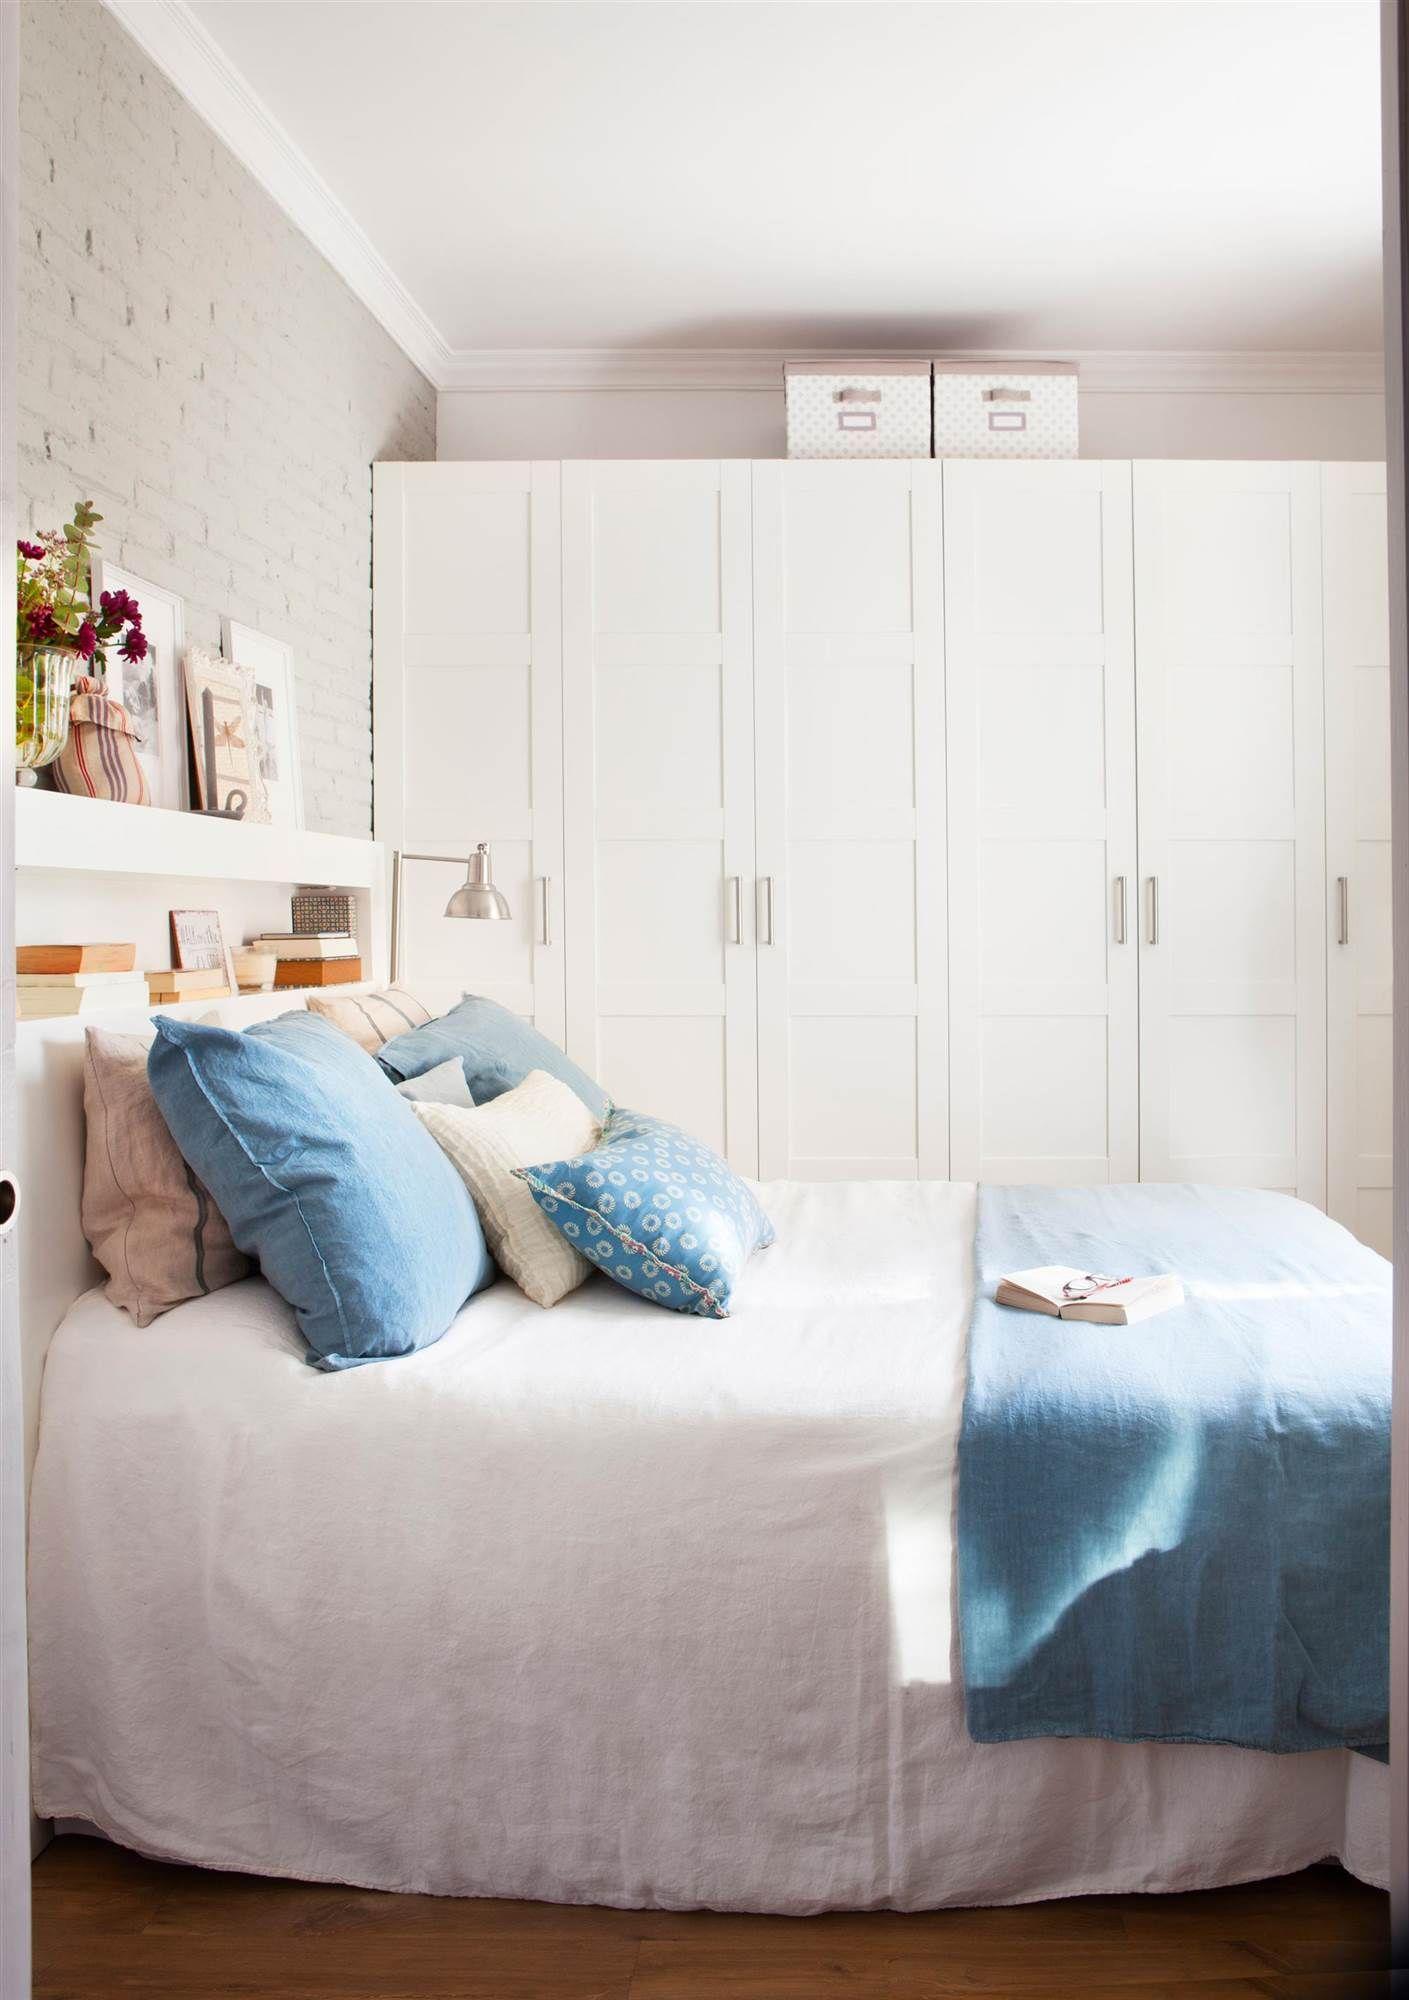 Armario cuadricula blanca ikea 00429039 habitaciones for Dormitorio ikea blanco